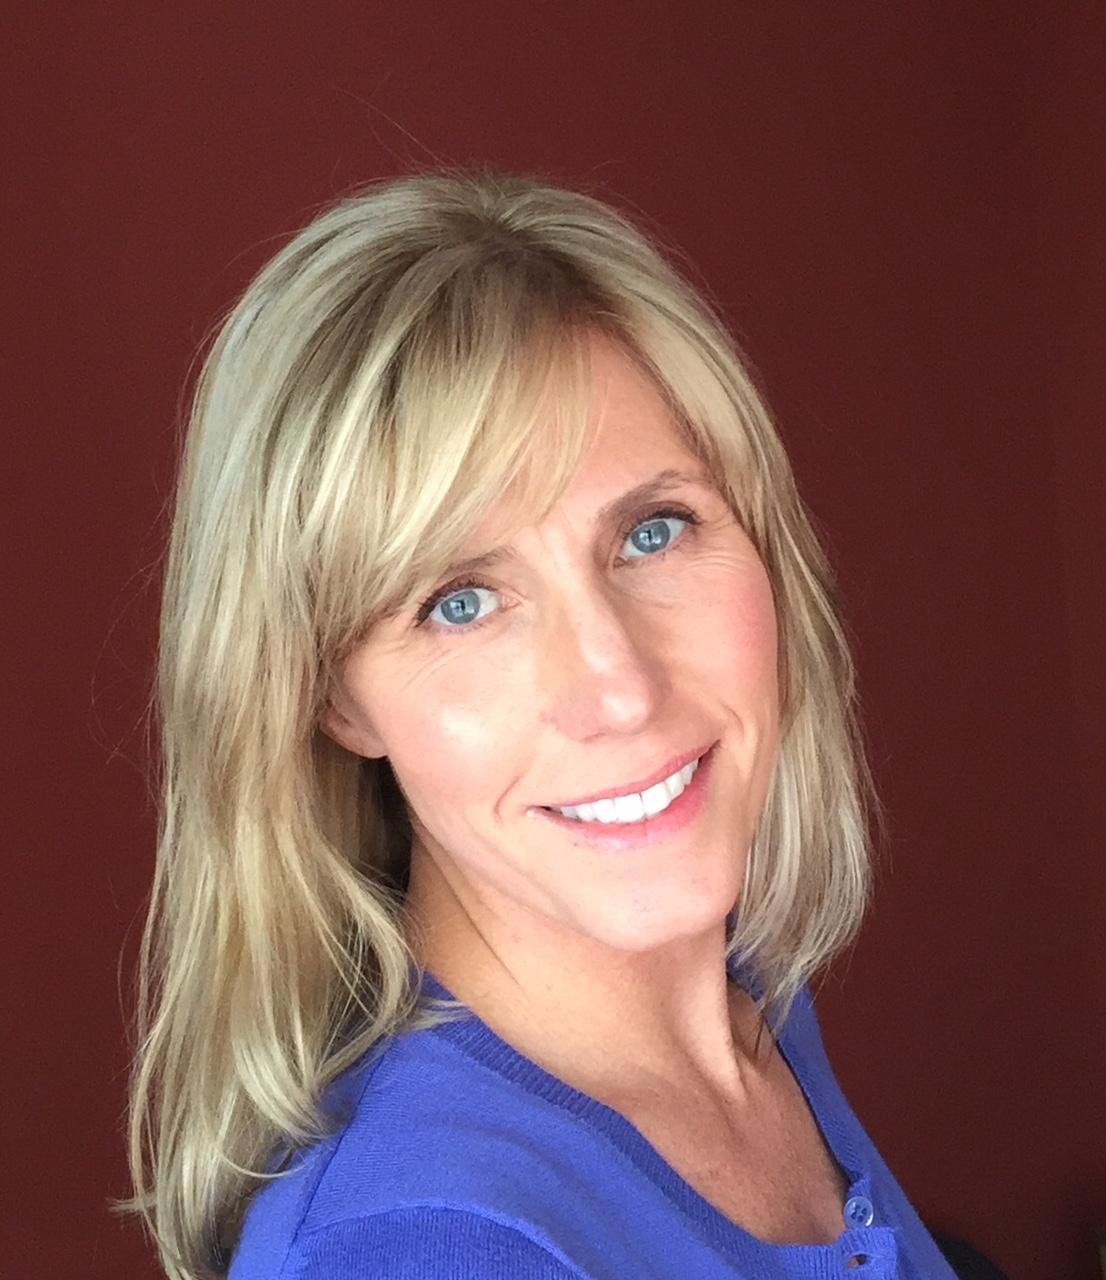 Heidi Rehder